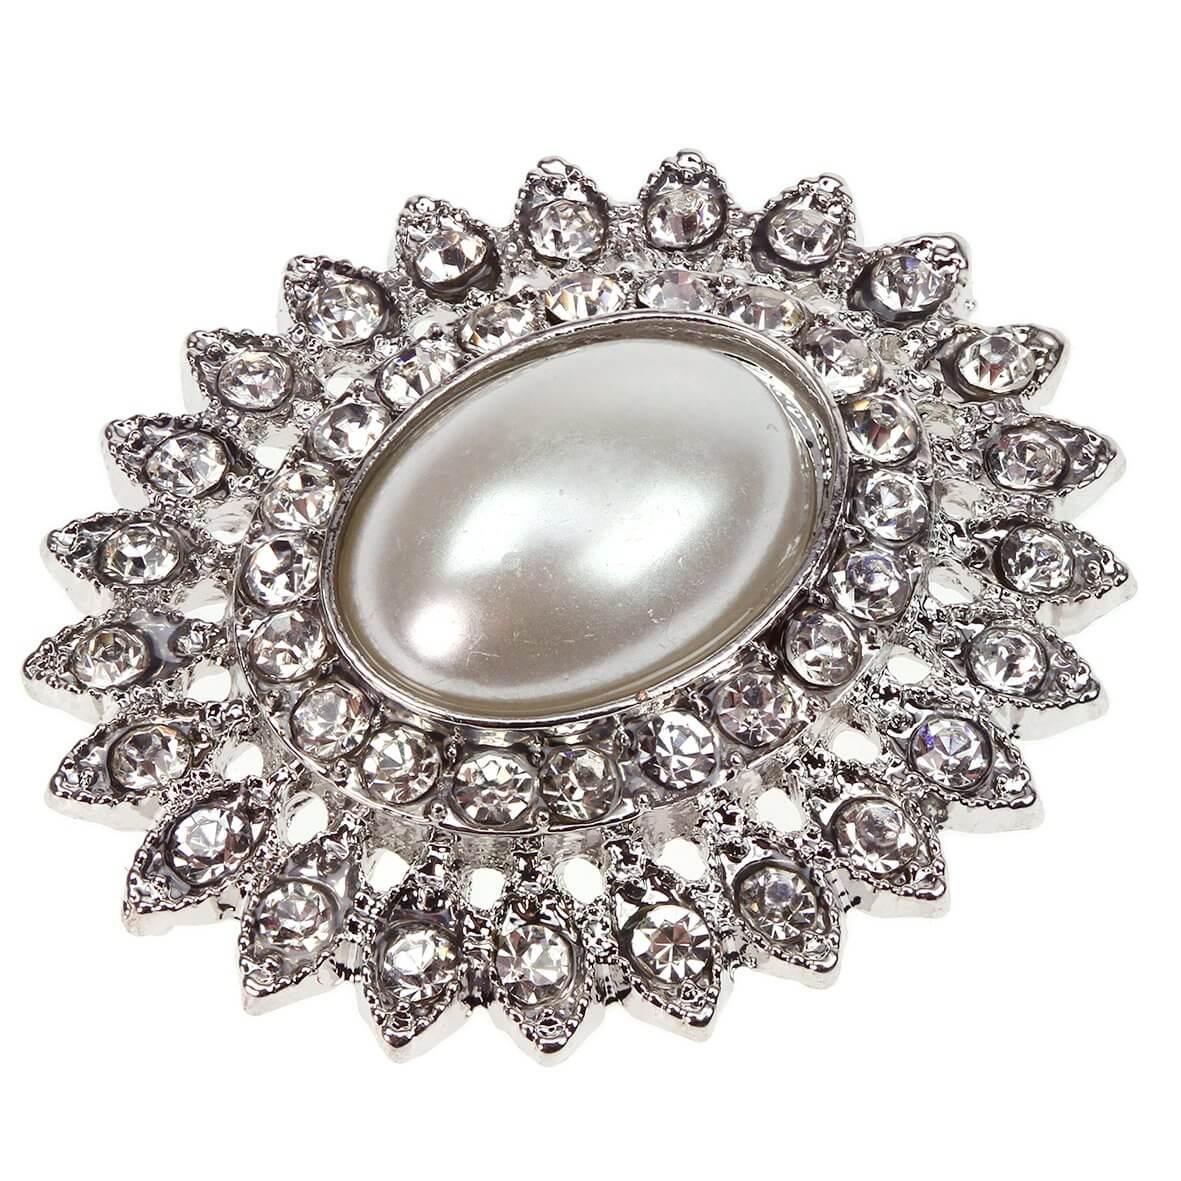 Silver Tesoro Diamante and Pearl Embellishment